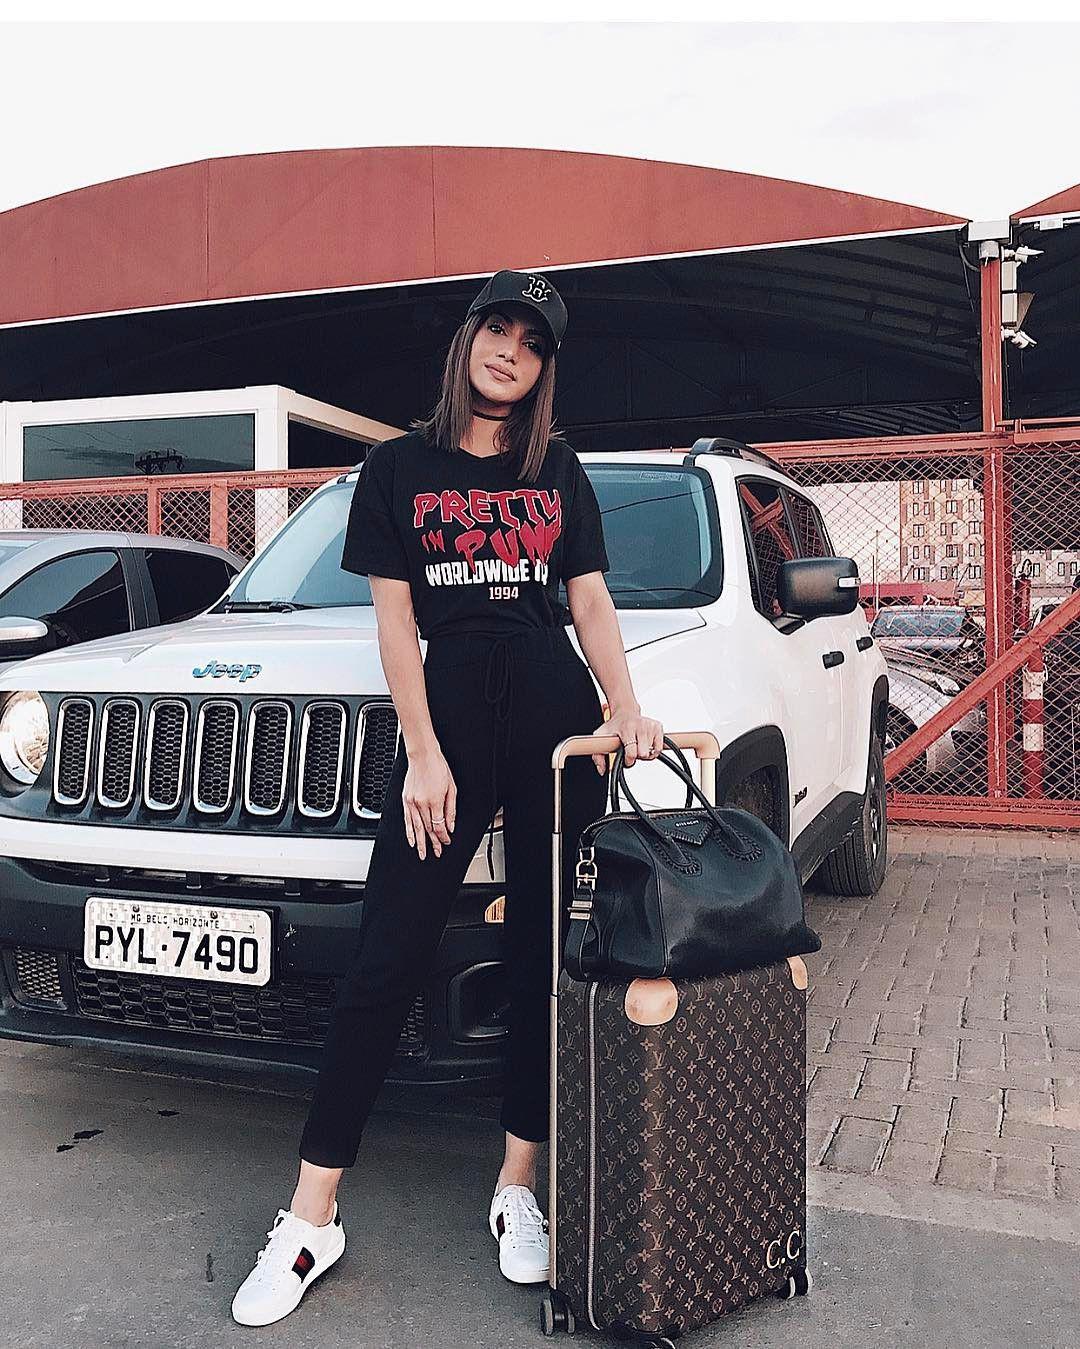 Camila coelho airport look, luxury vehicle, street fashion, camila coelho